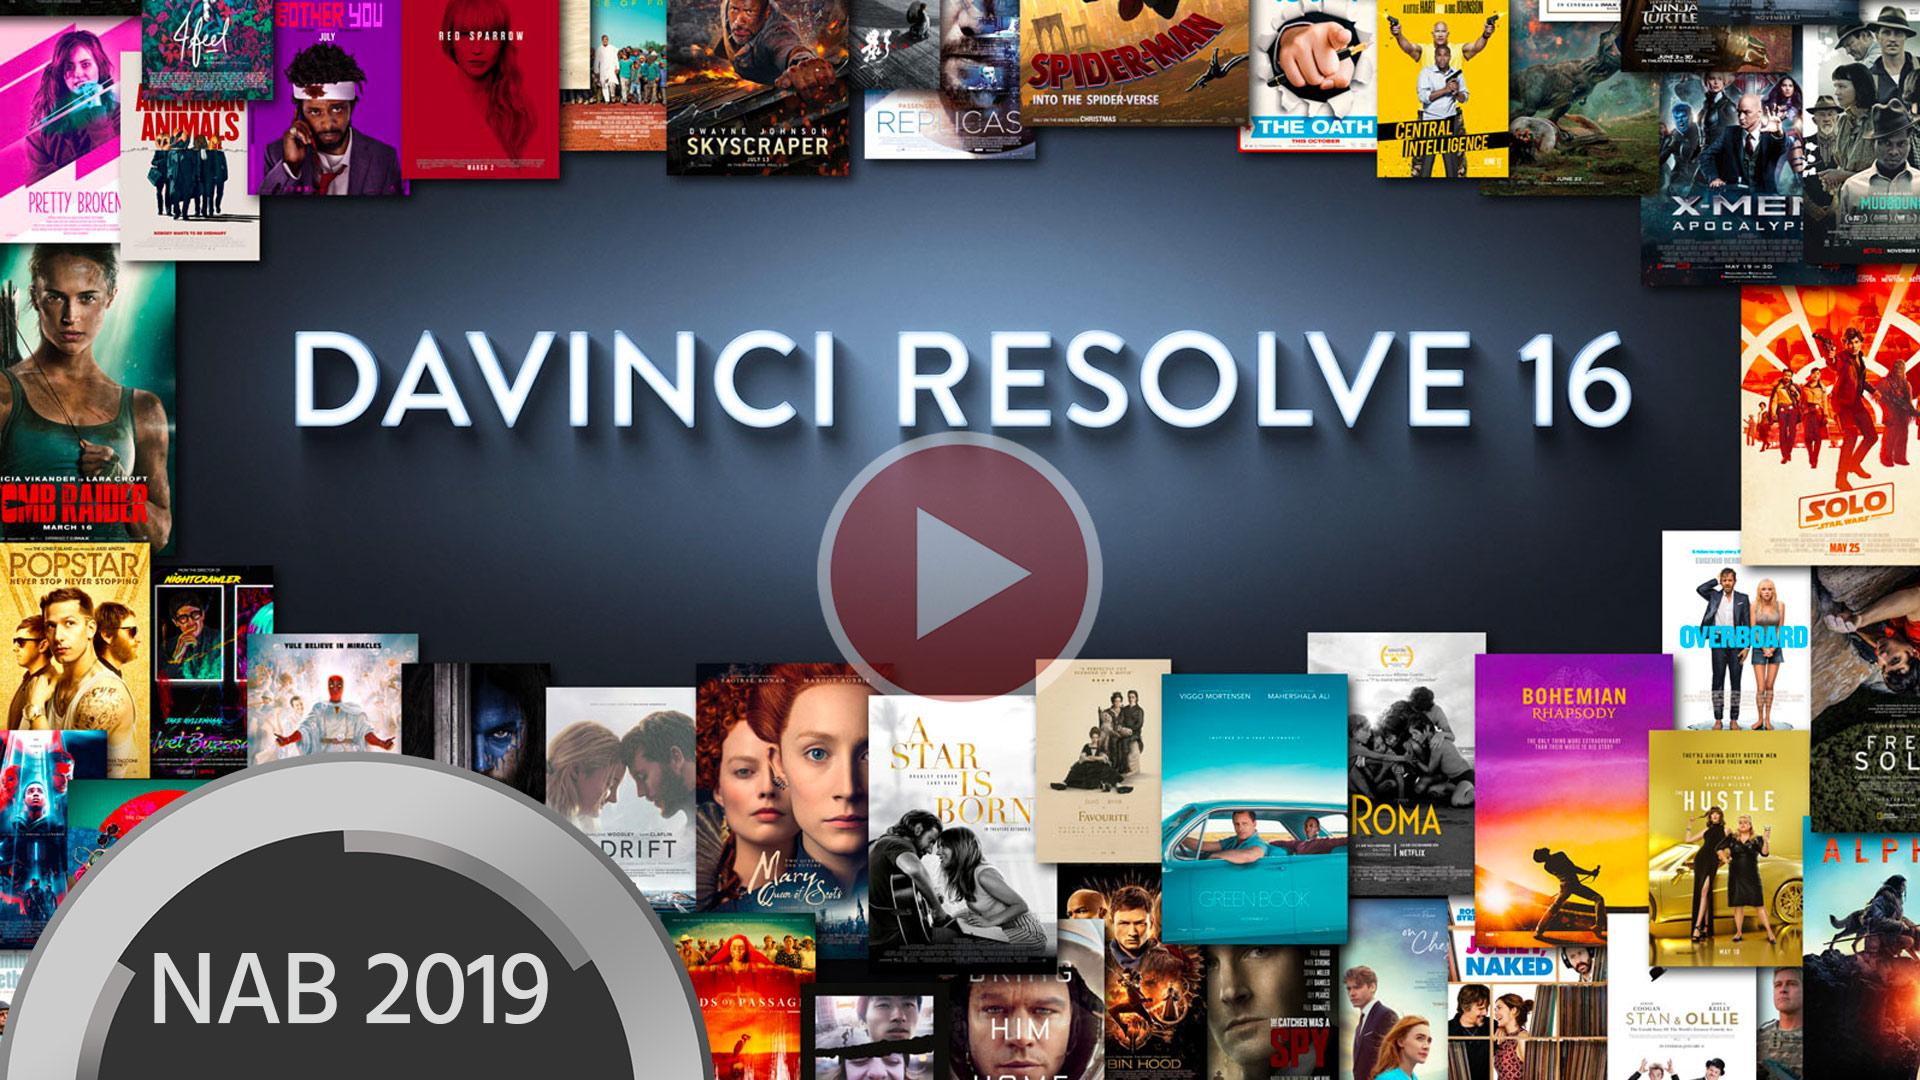 DaVinci Resolve 16 de Blackmagic Design - Primera demostración de sus funciones